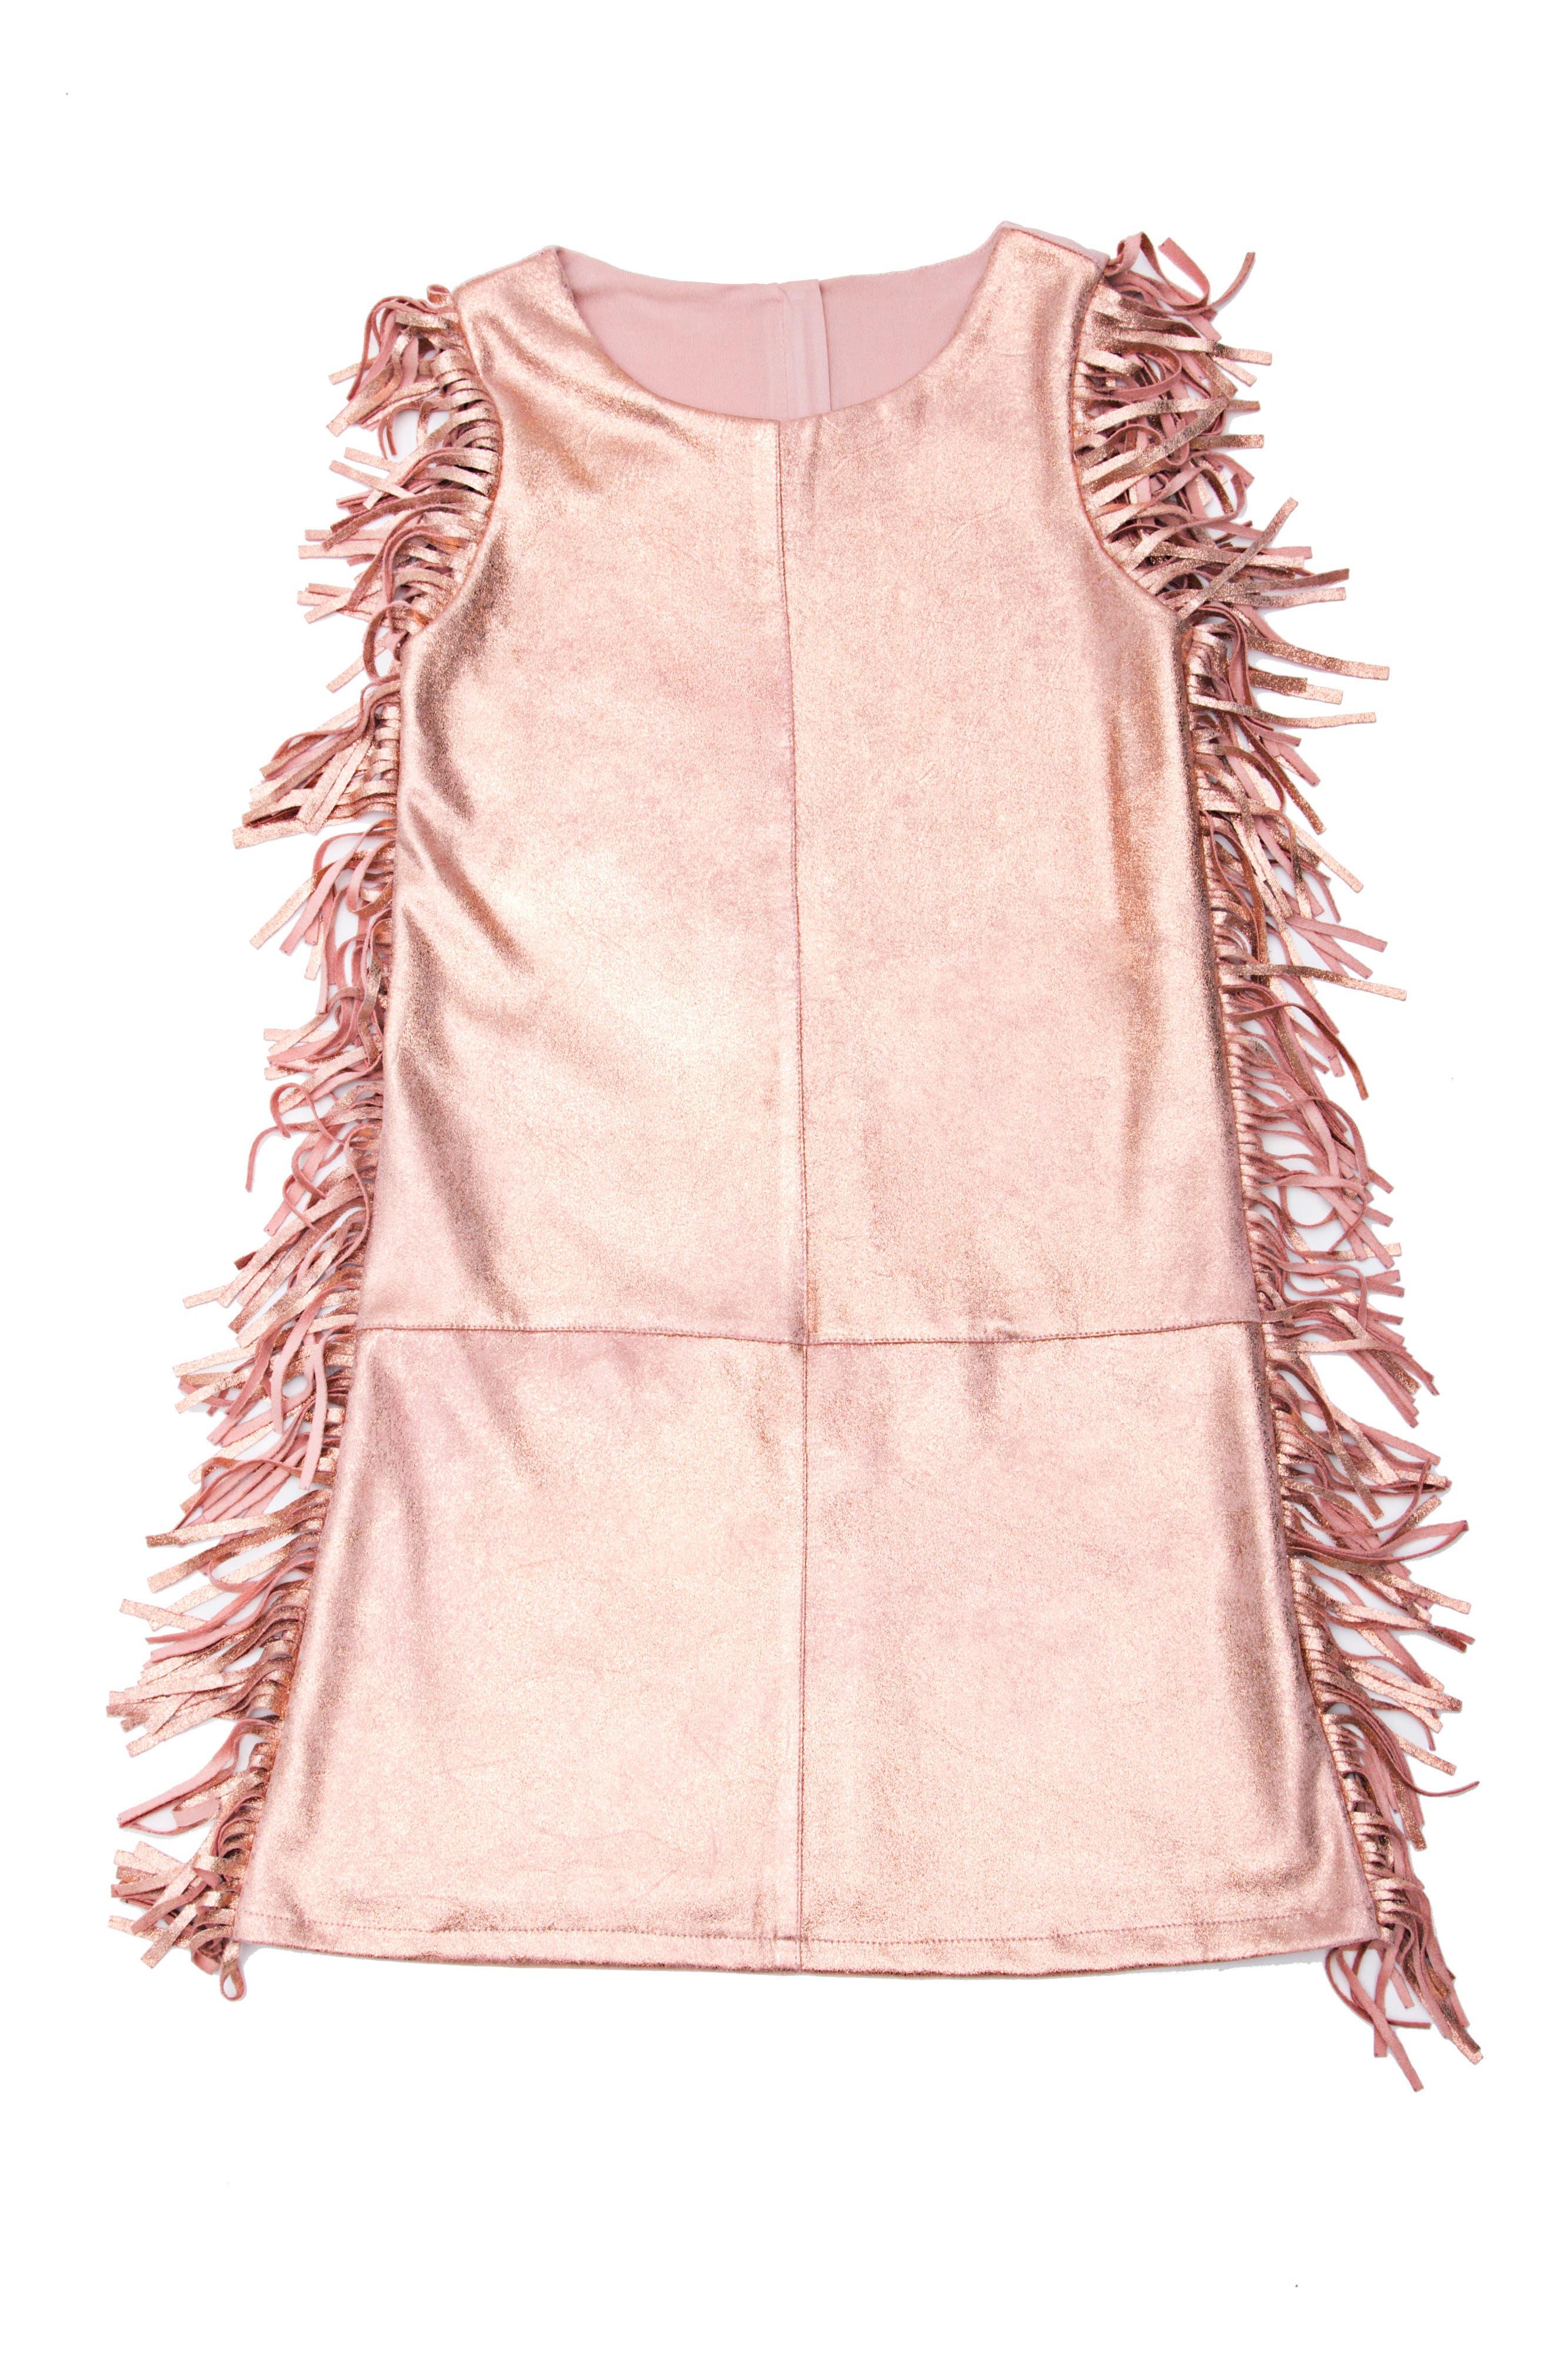 Metallic Fringe Dress,                             Main thumbnail 1, color,                             650